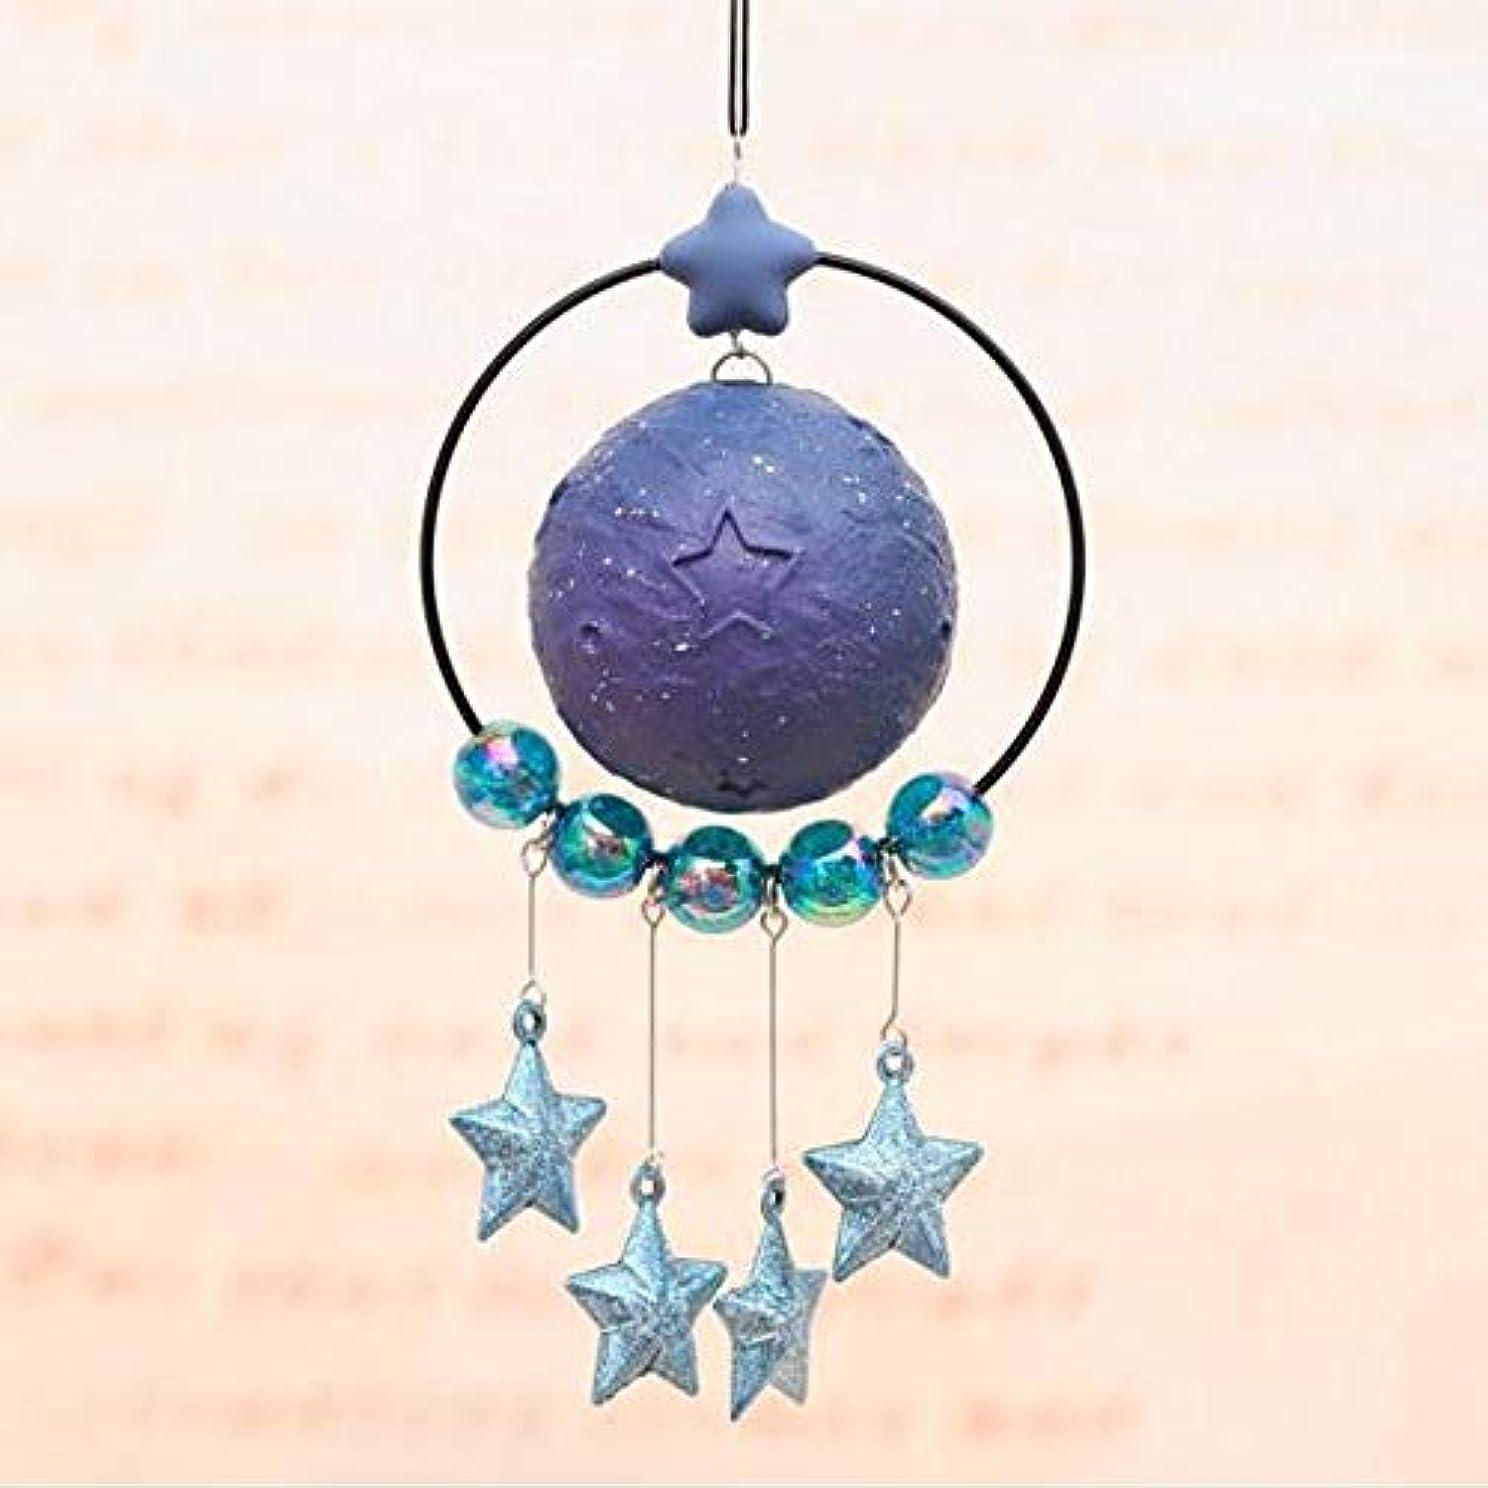 アシスタント誓う翻訳するYoushangshipin 風チャイム、樹脂材料、ホームデコレーション、クリエイティブファッション風チャイム、ブルー、サイズ9X 27cmの,美しいギフトボックス (Color : Blue)